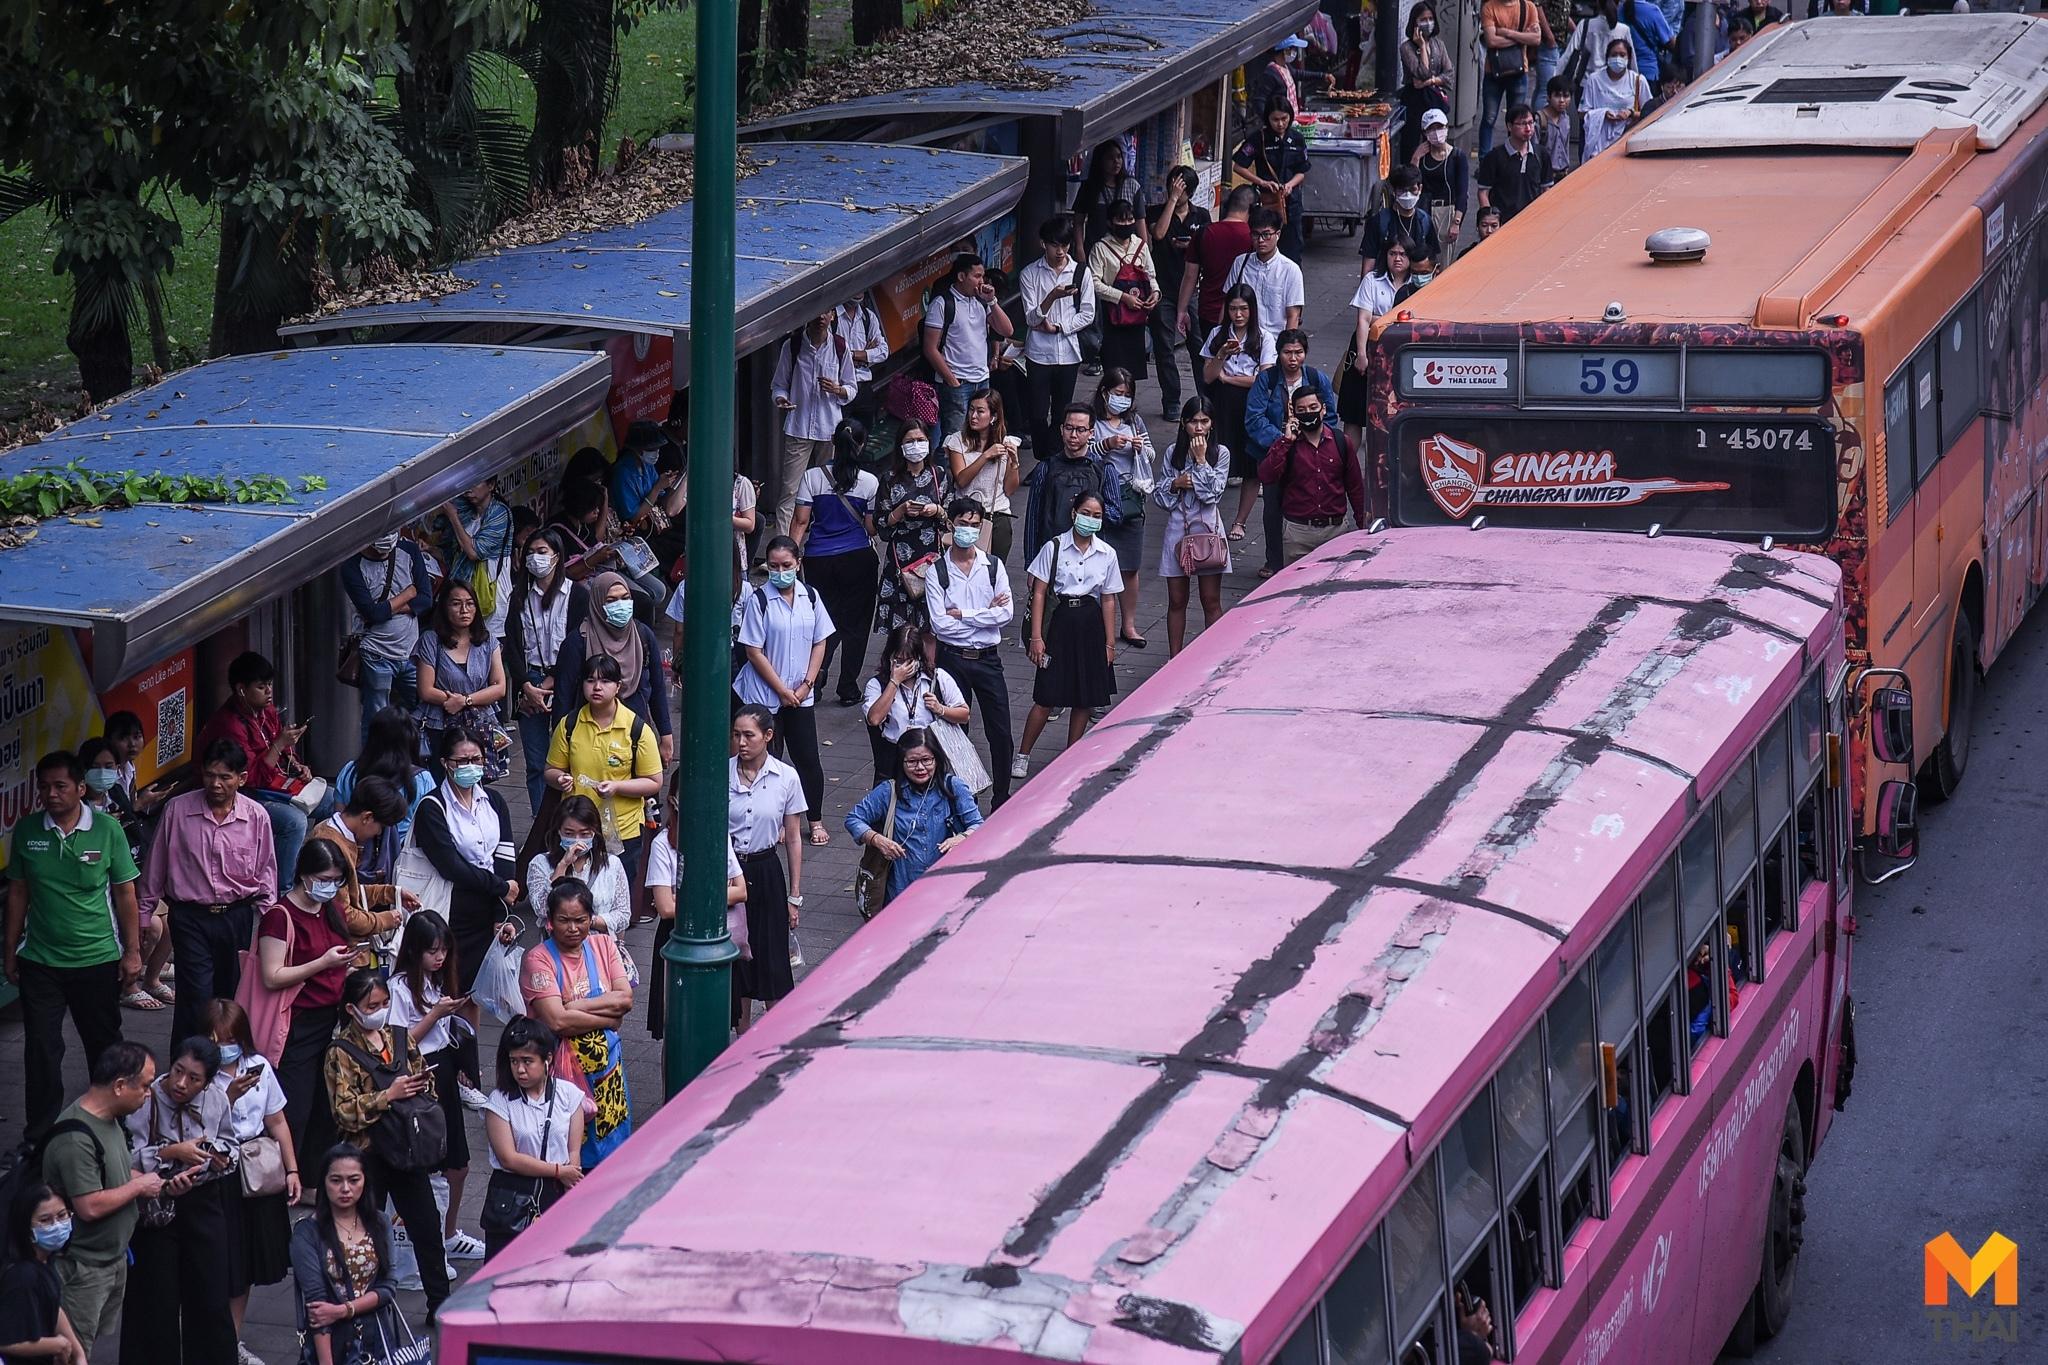 PM 2.5 ข่าวMono29 ฝุ่นละออง เศรษฐกิจไทย